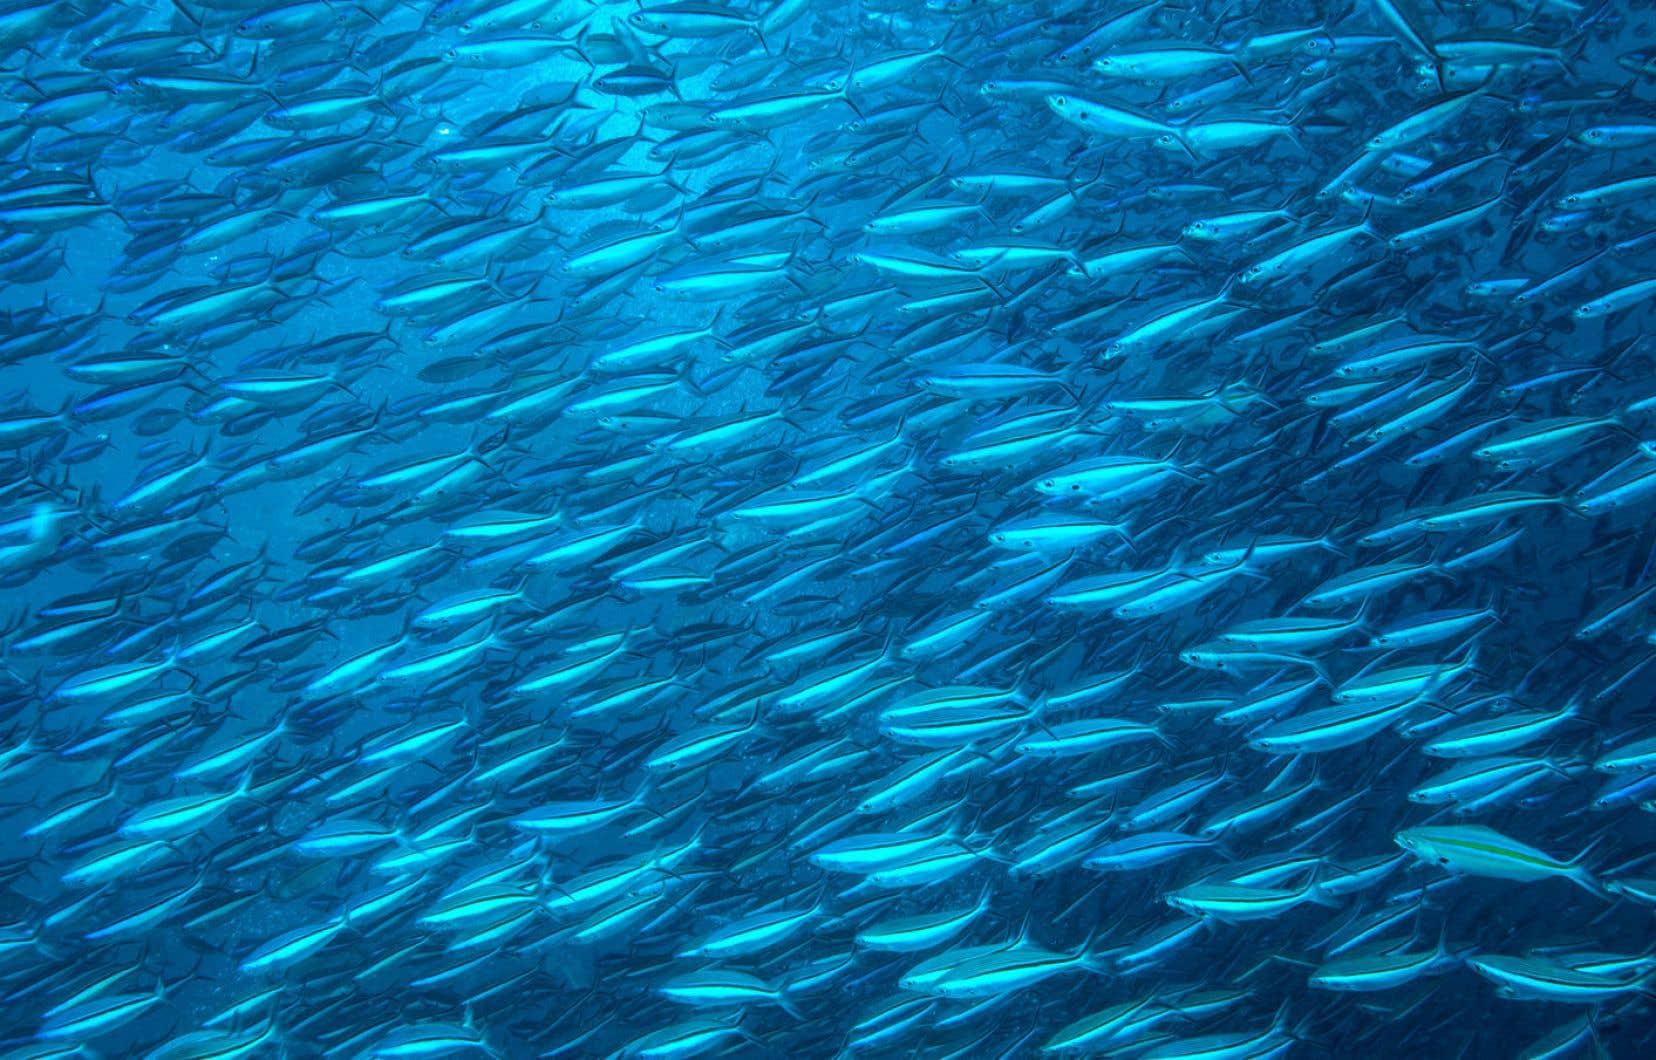 Un banc de sardines offre un spectacle impressionnant, alors qu'un million de ces petits poissons filent à vive allure dans un mouvement parfaitement coordonné, sans qu'aucun individu enheurte un autre.